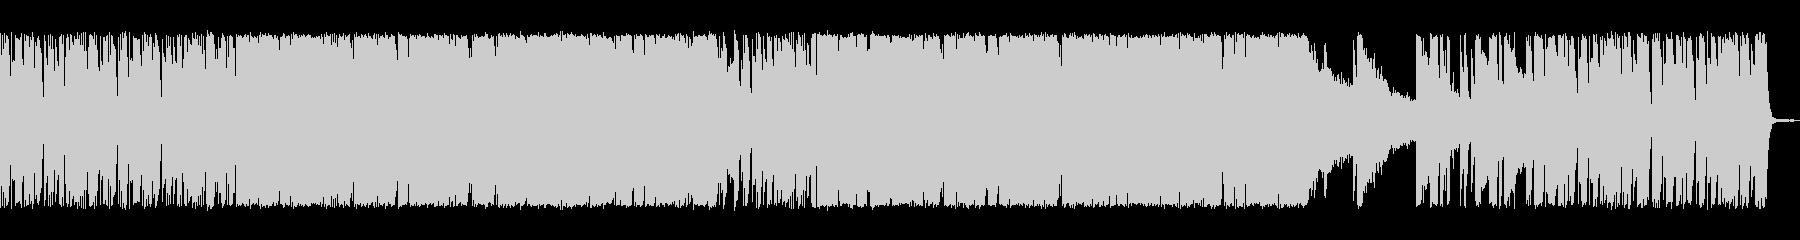 シンセサイザーを使ったテクノ系の曲の未再生の波形